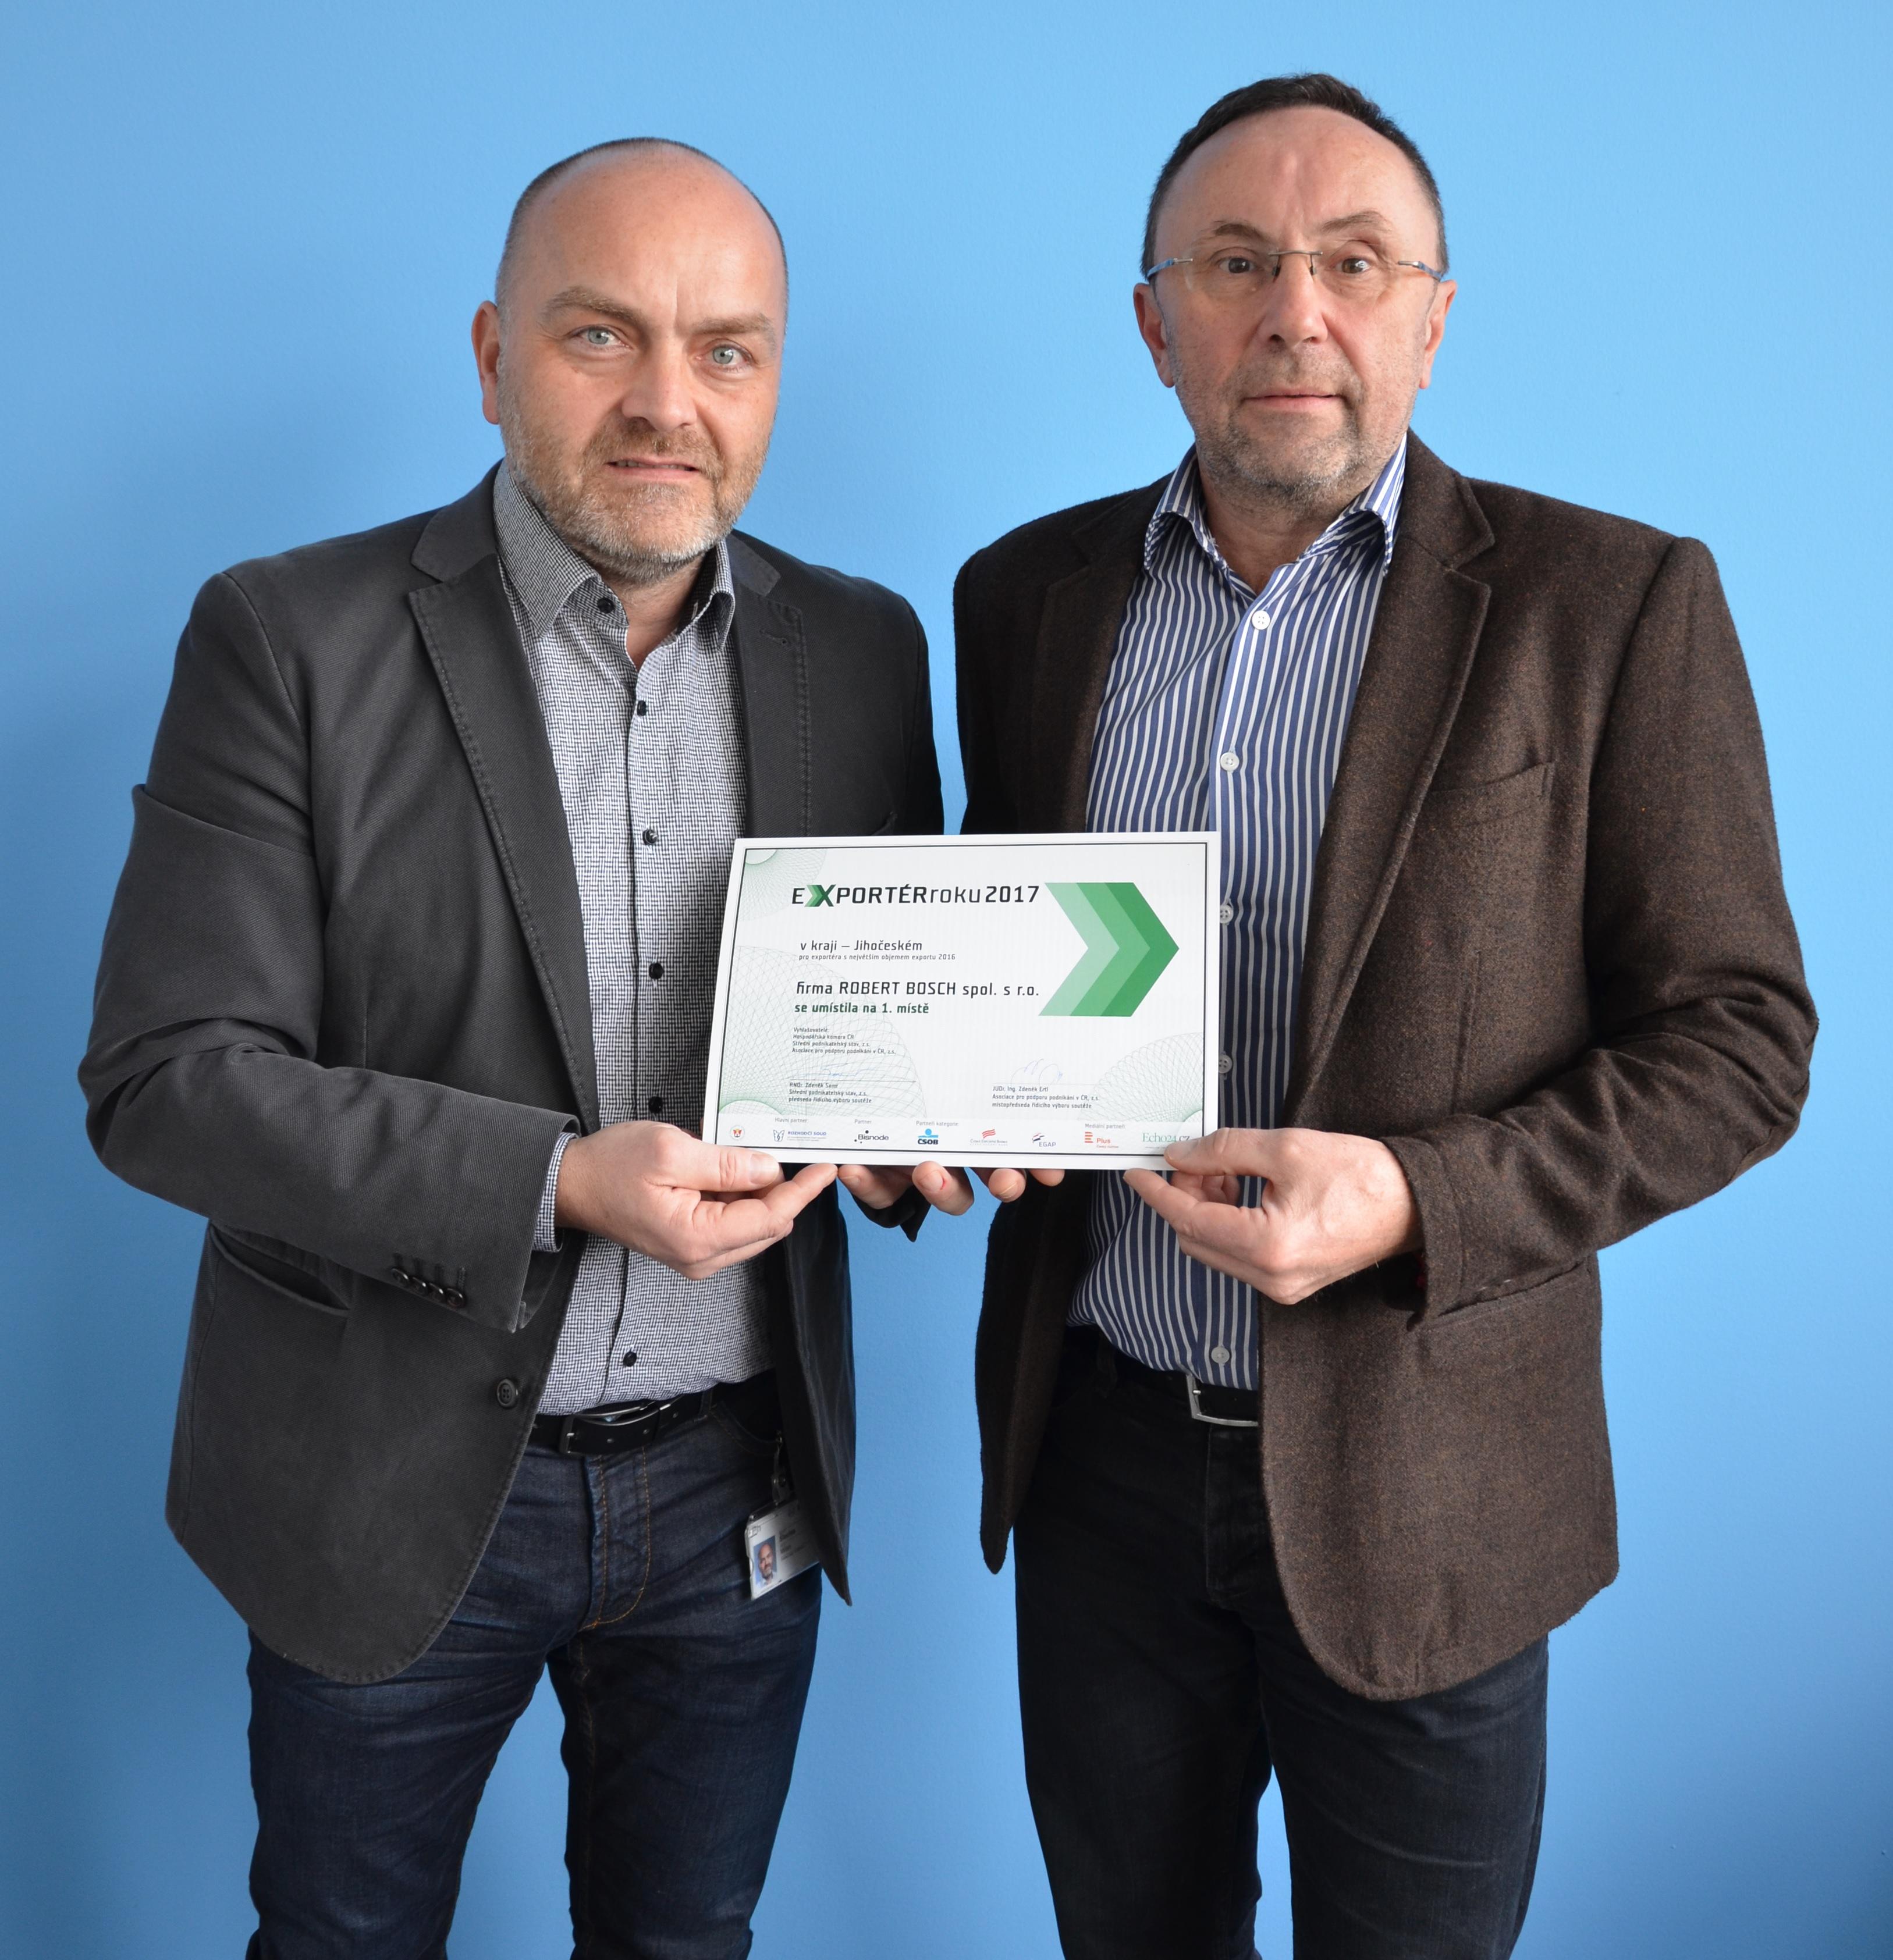 Vedení společnosti Bosch s diplomem za soutěž Exportér roku 2017 - cena pro Robert Bosch České Budějovice s r.o.